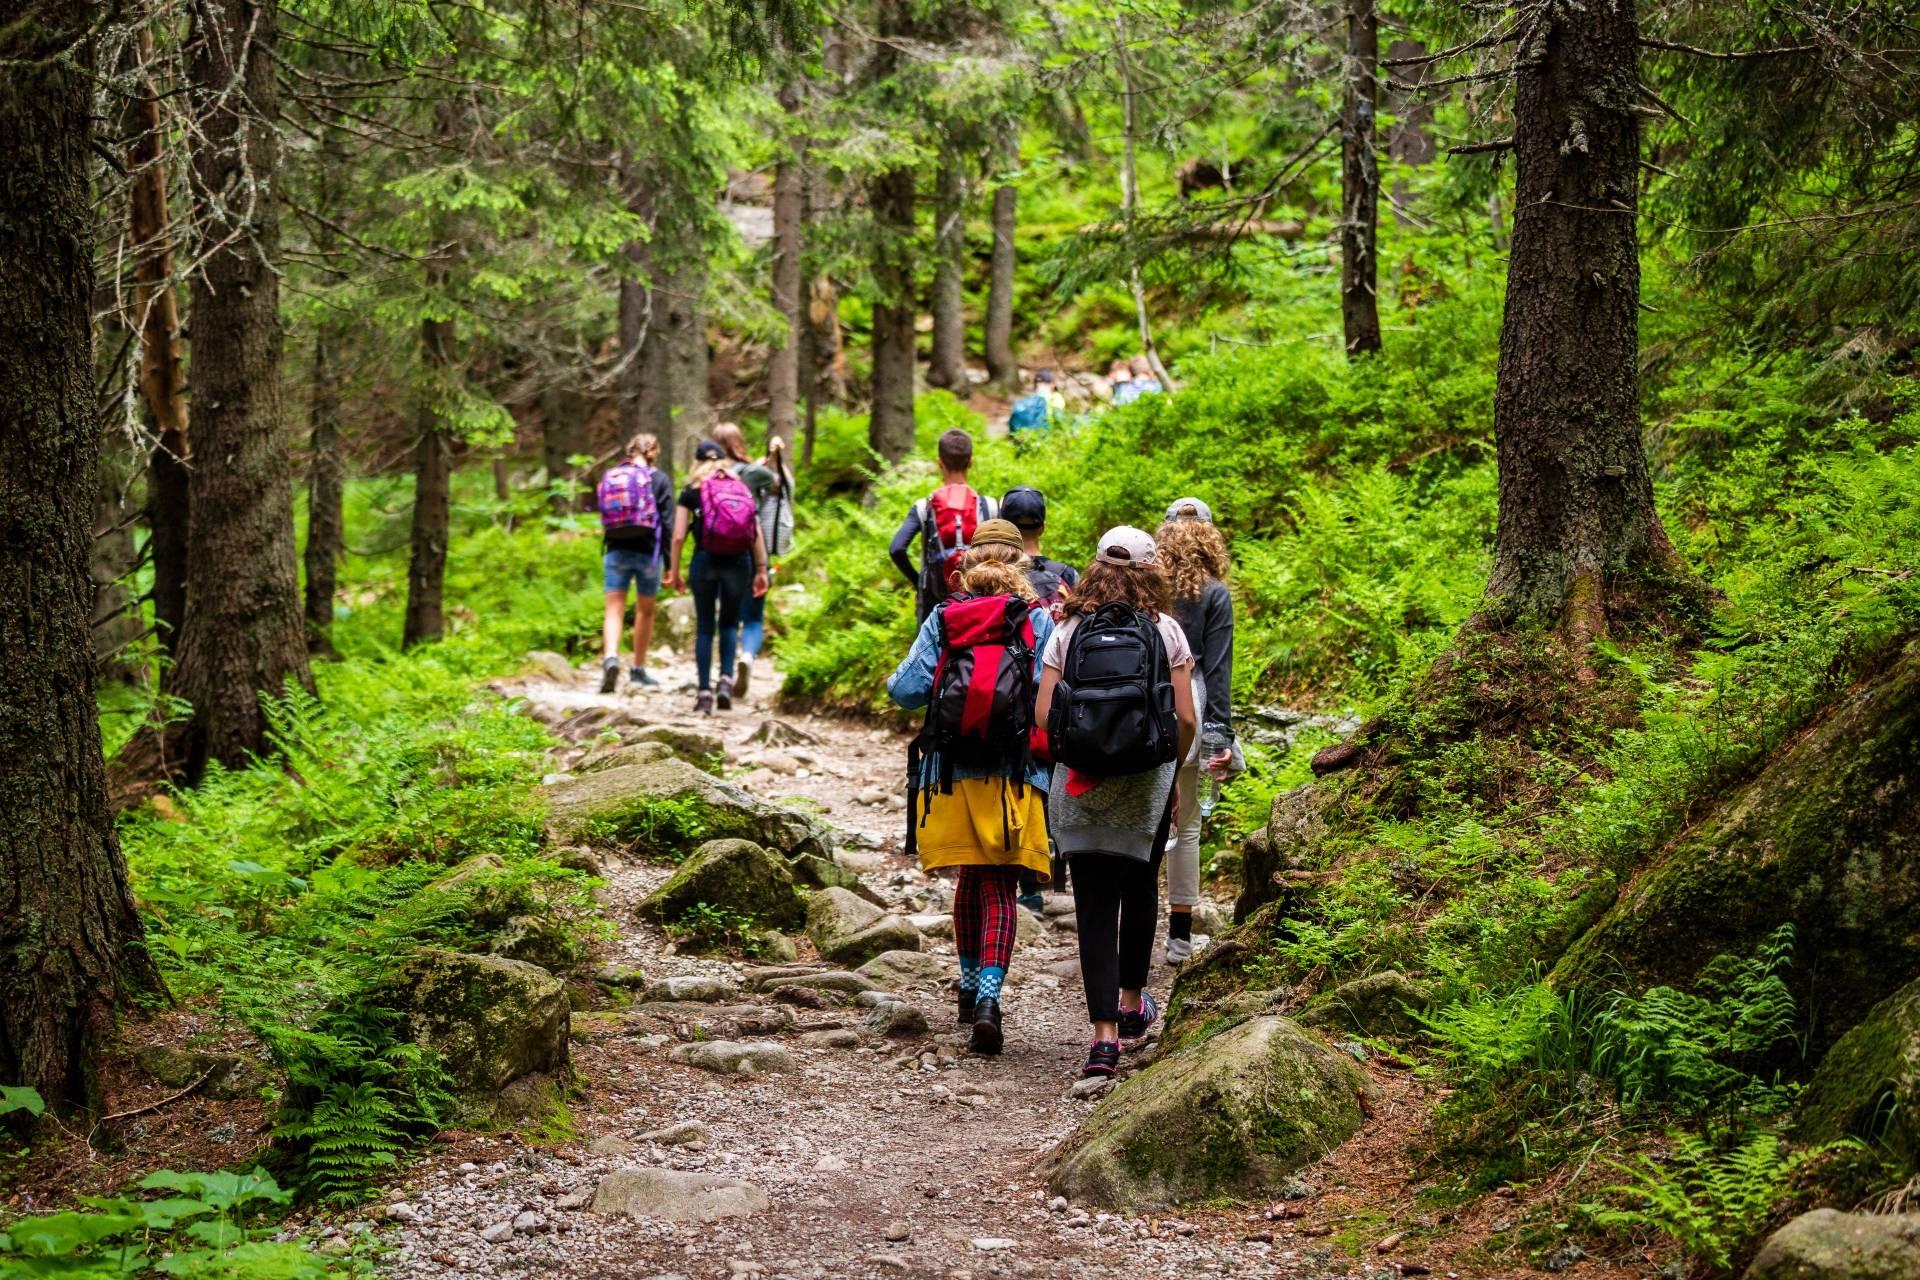 Shinrin-yoku - japońskie kąpiele leśne. Grupa spacerowiczów przemierza leśne ścieżki.